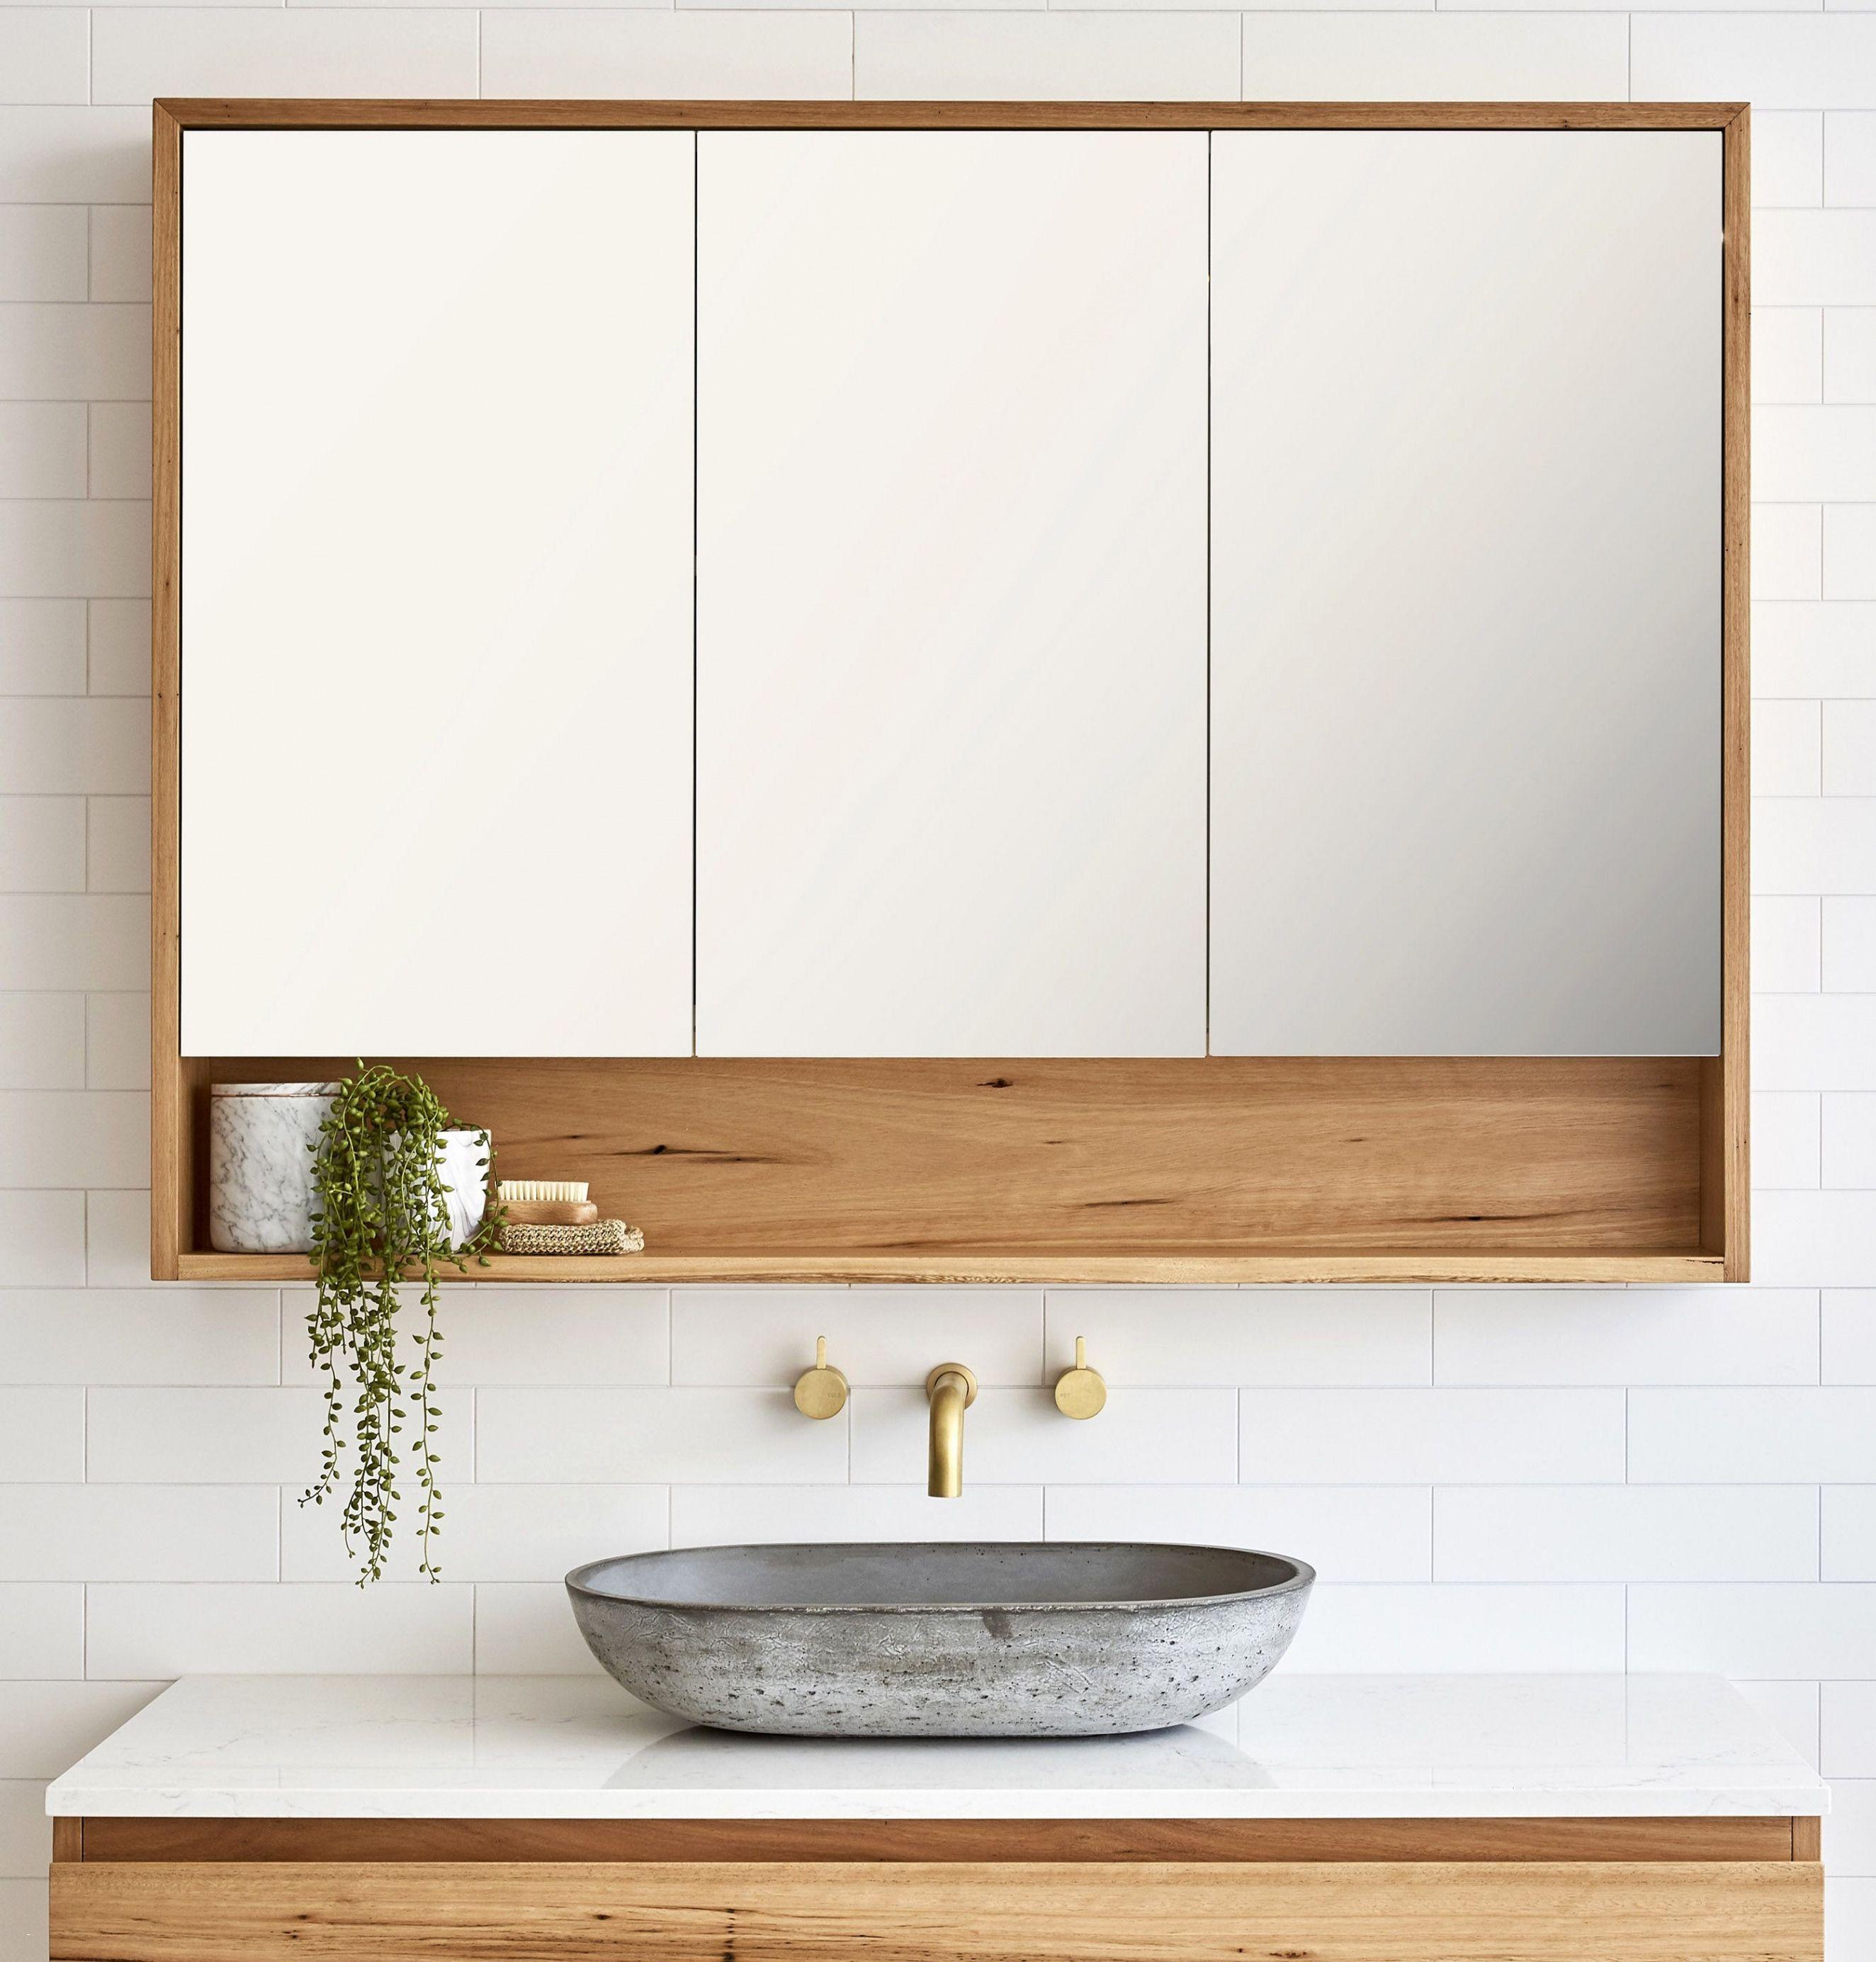 Neue Badezimmer Design Ideen